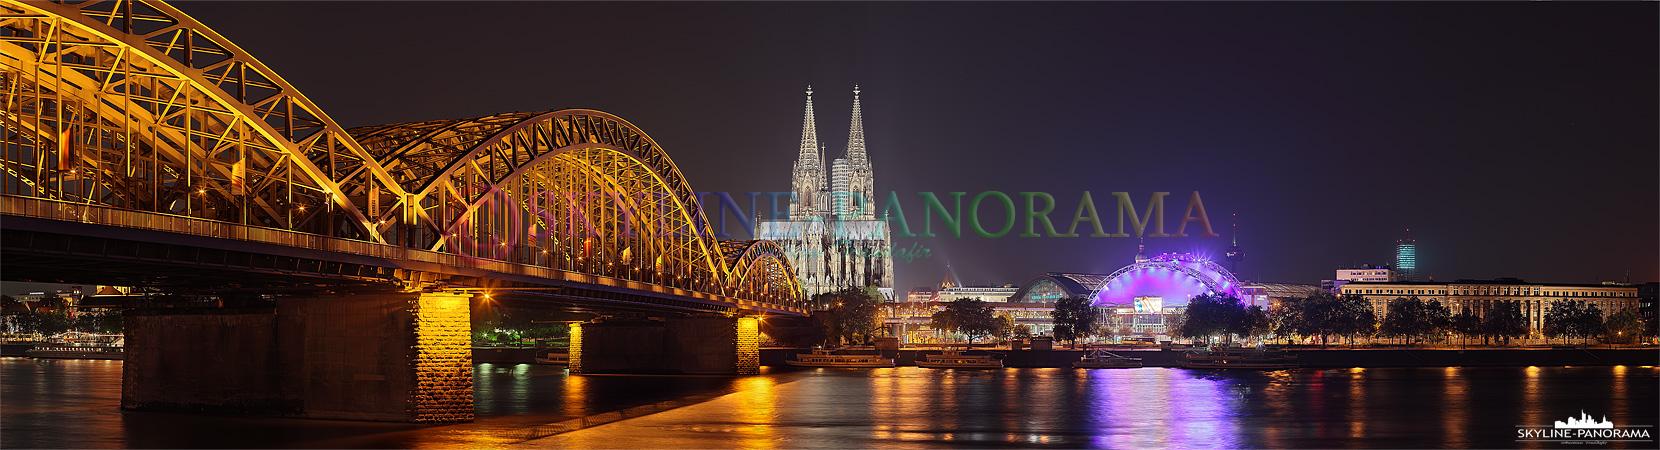 Die Kölner Skyline mit der Hohenzollernbrücke, dem Kölner Dom und dem Musical Dome bei Nacht vom Rheinufer aus gesehen.